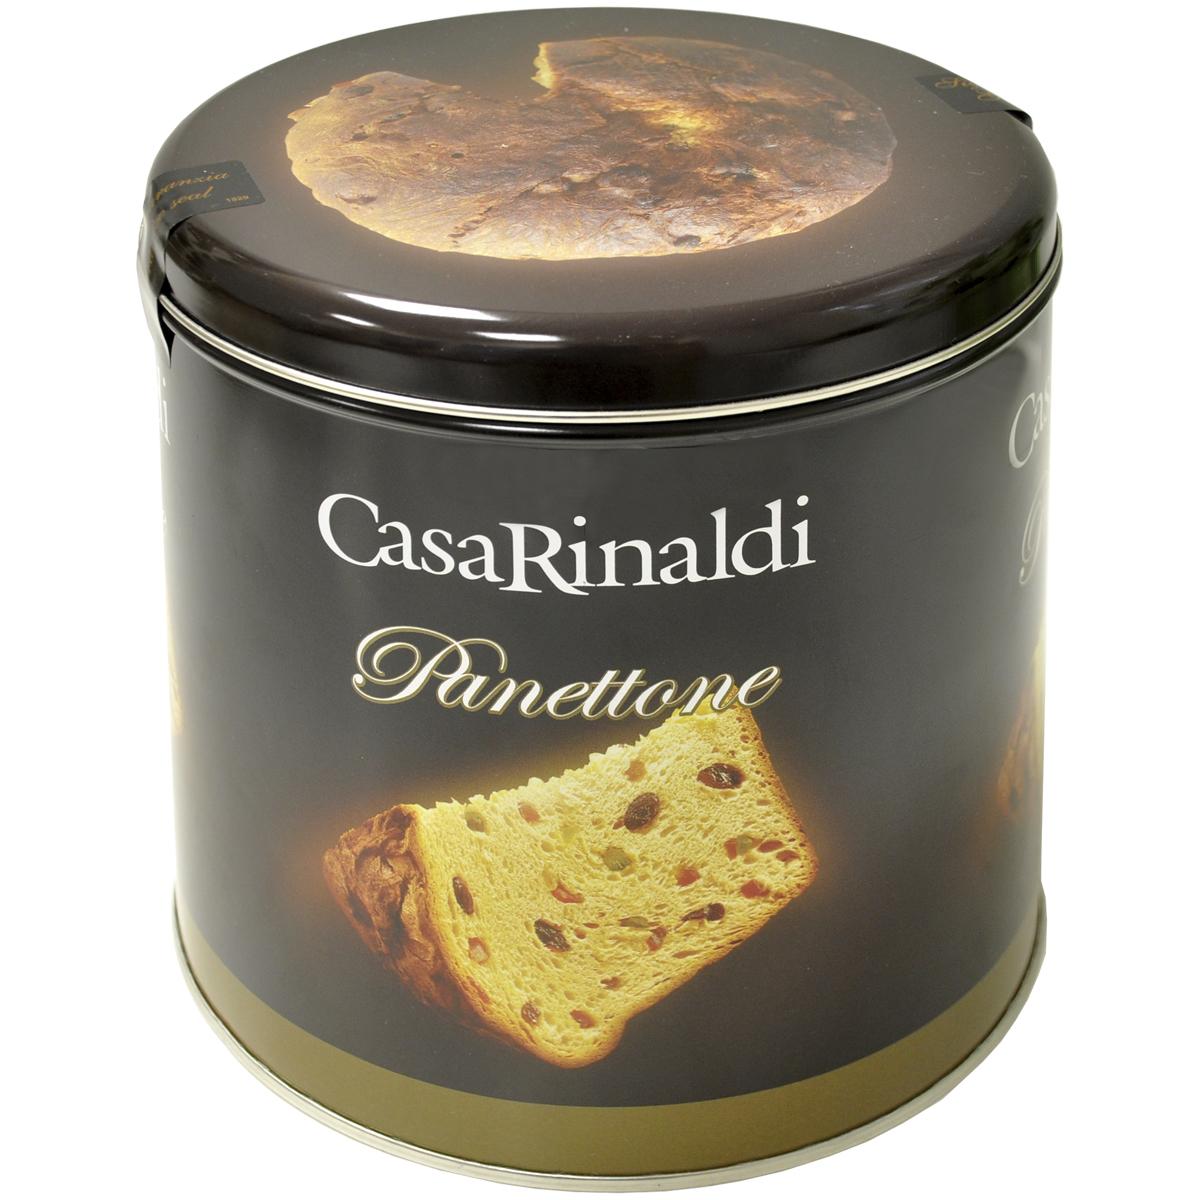 Кулич Классический Casa Rinaldi 908 г